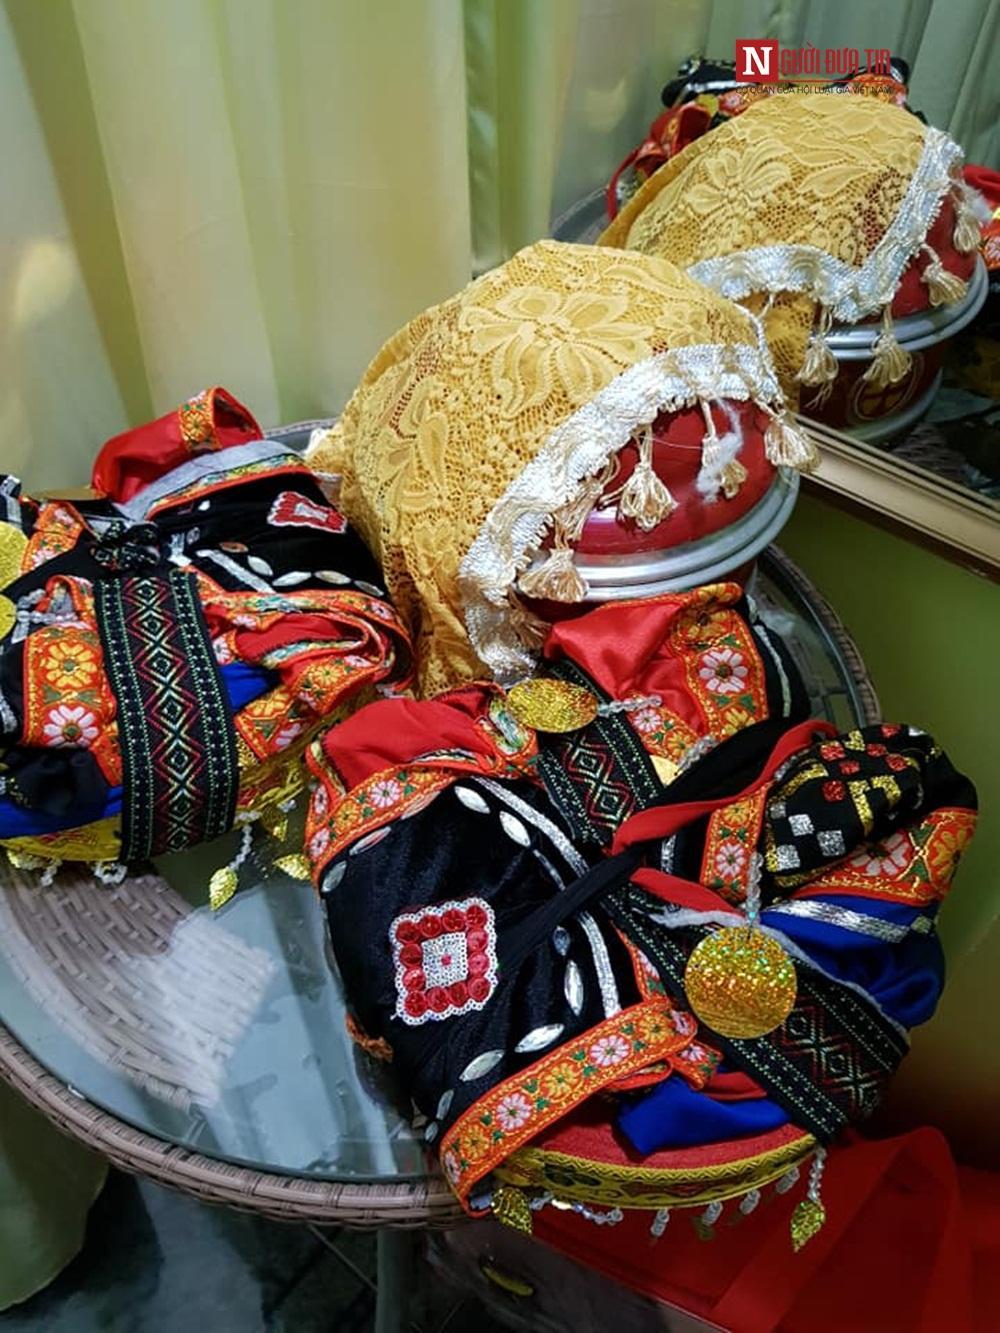 Bộ trang phục truyền thống được mẹ chồng chuẩn bị cho cô dâu Thu Sao.